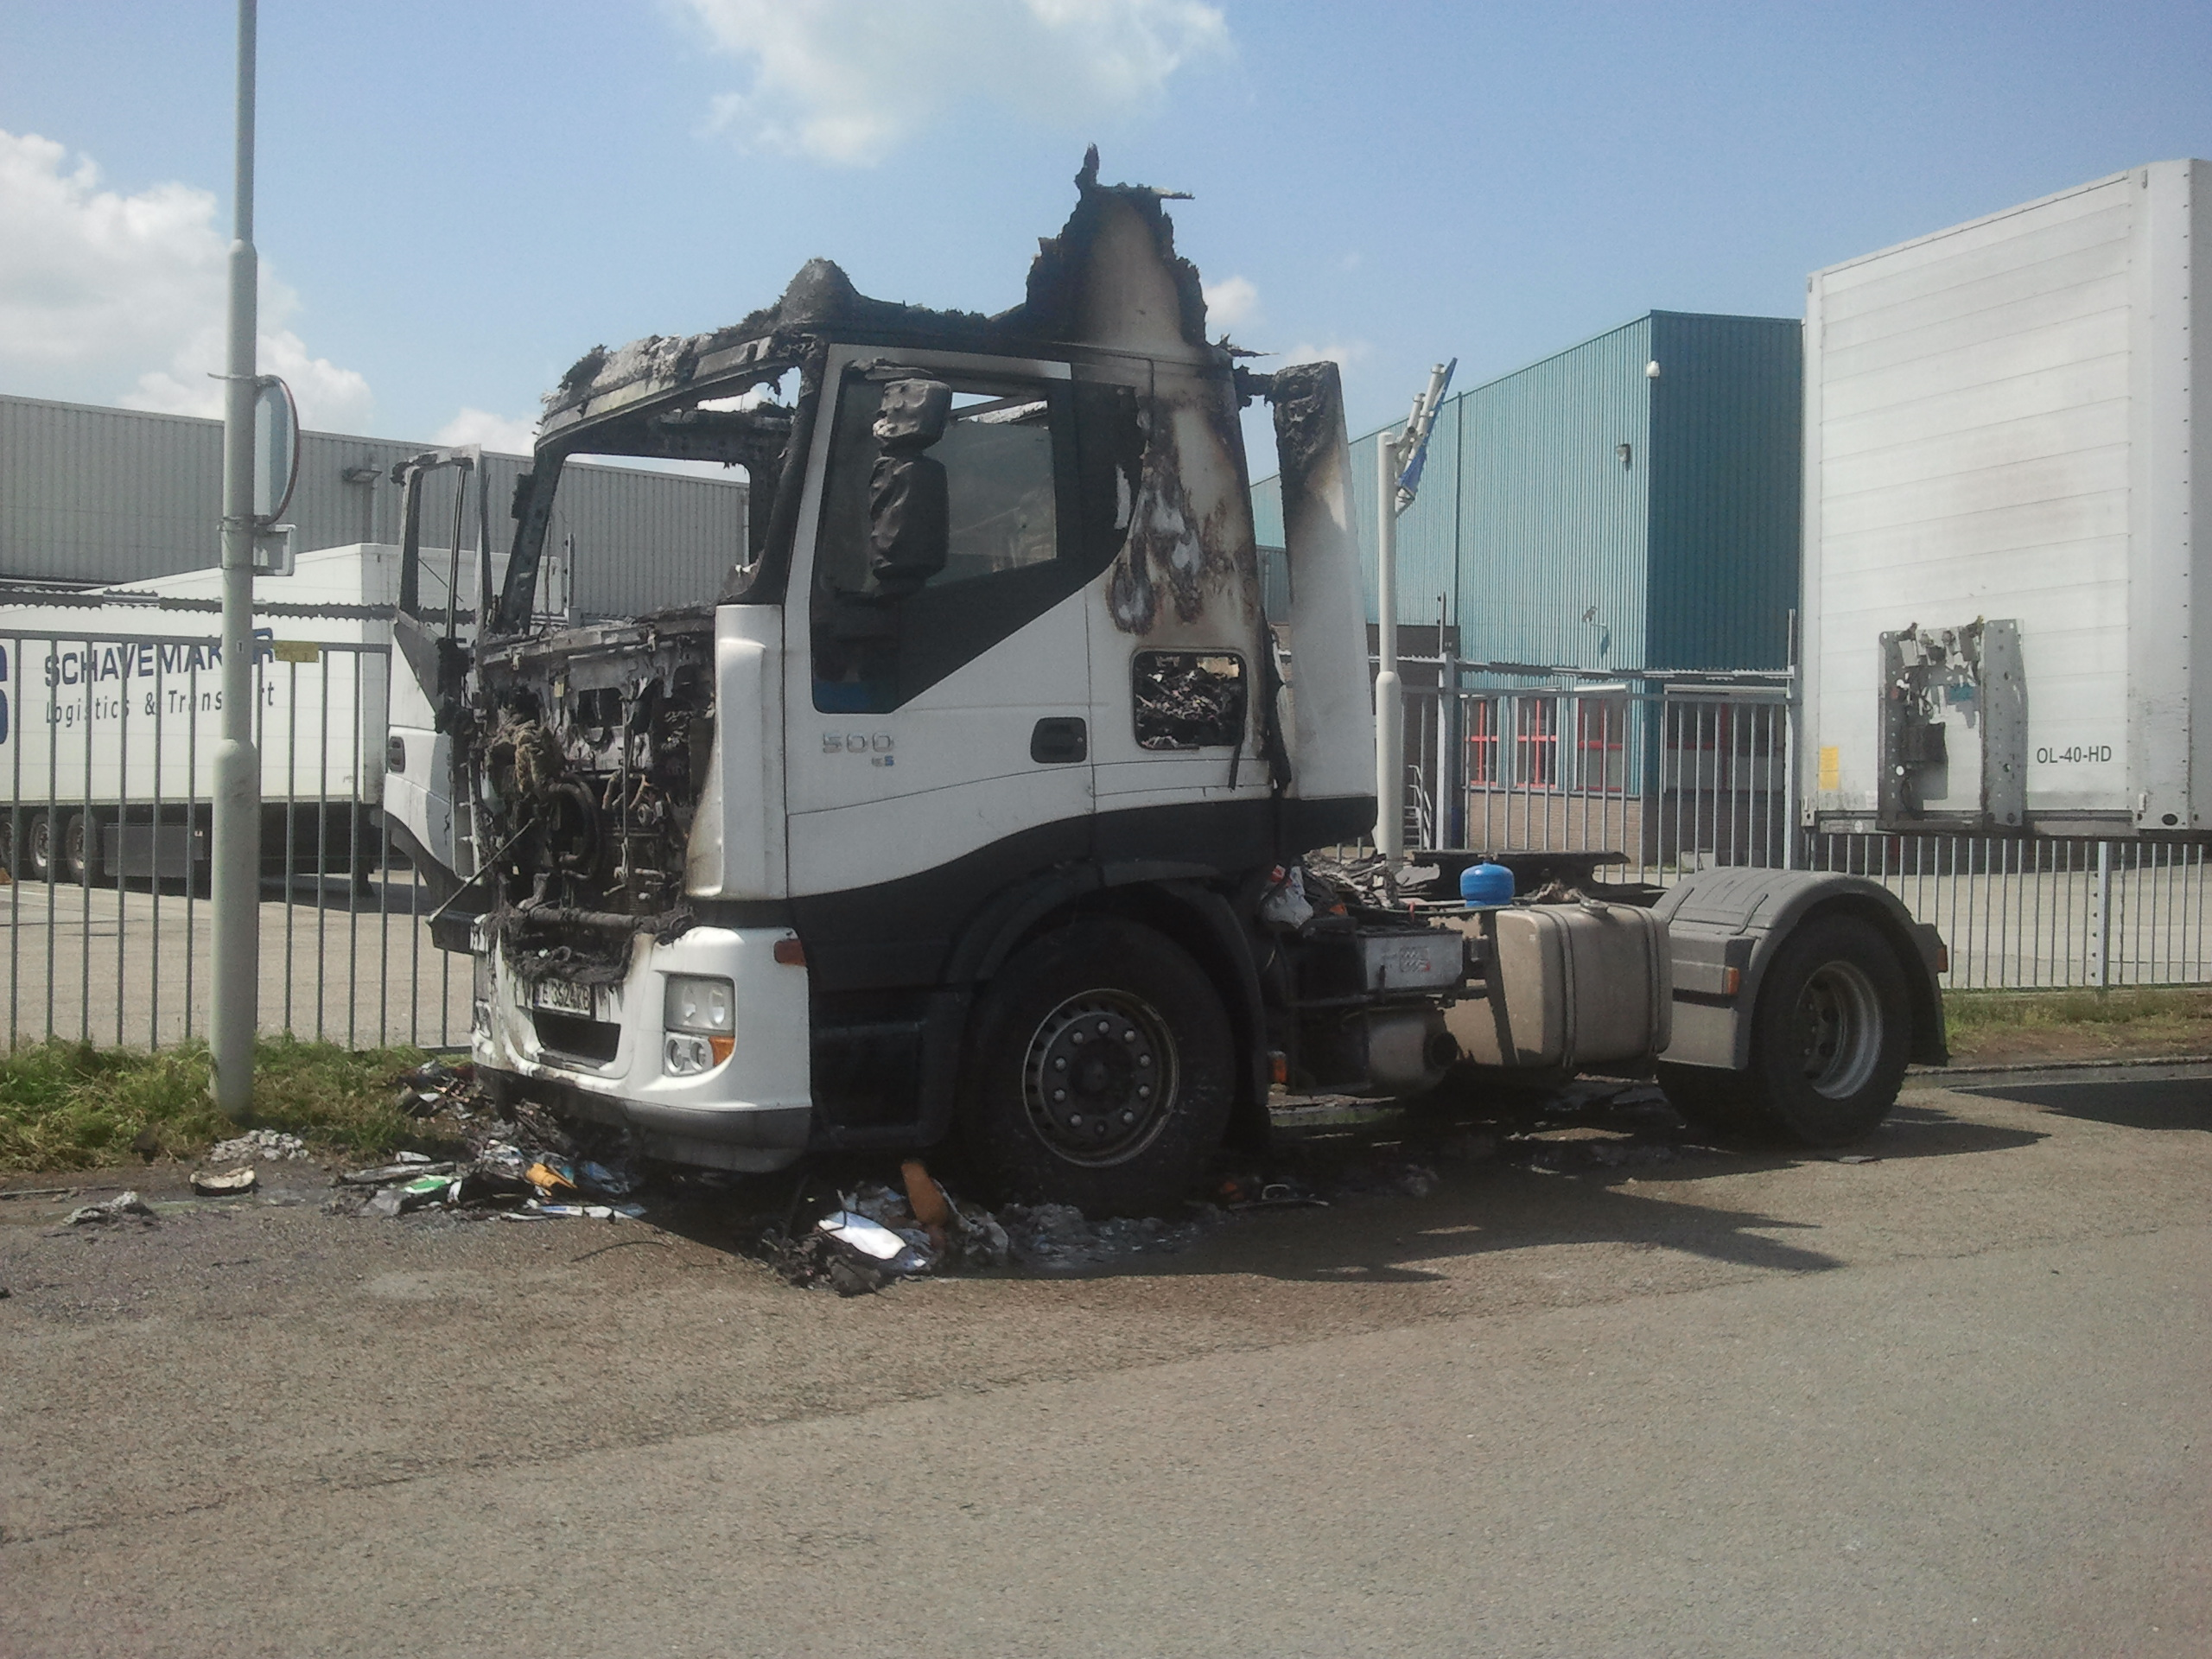 Prodazba kamion Iveco Stralis eur 5, 2007 vo ispravna sosotojba na